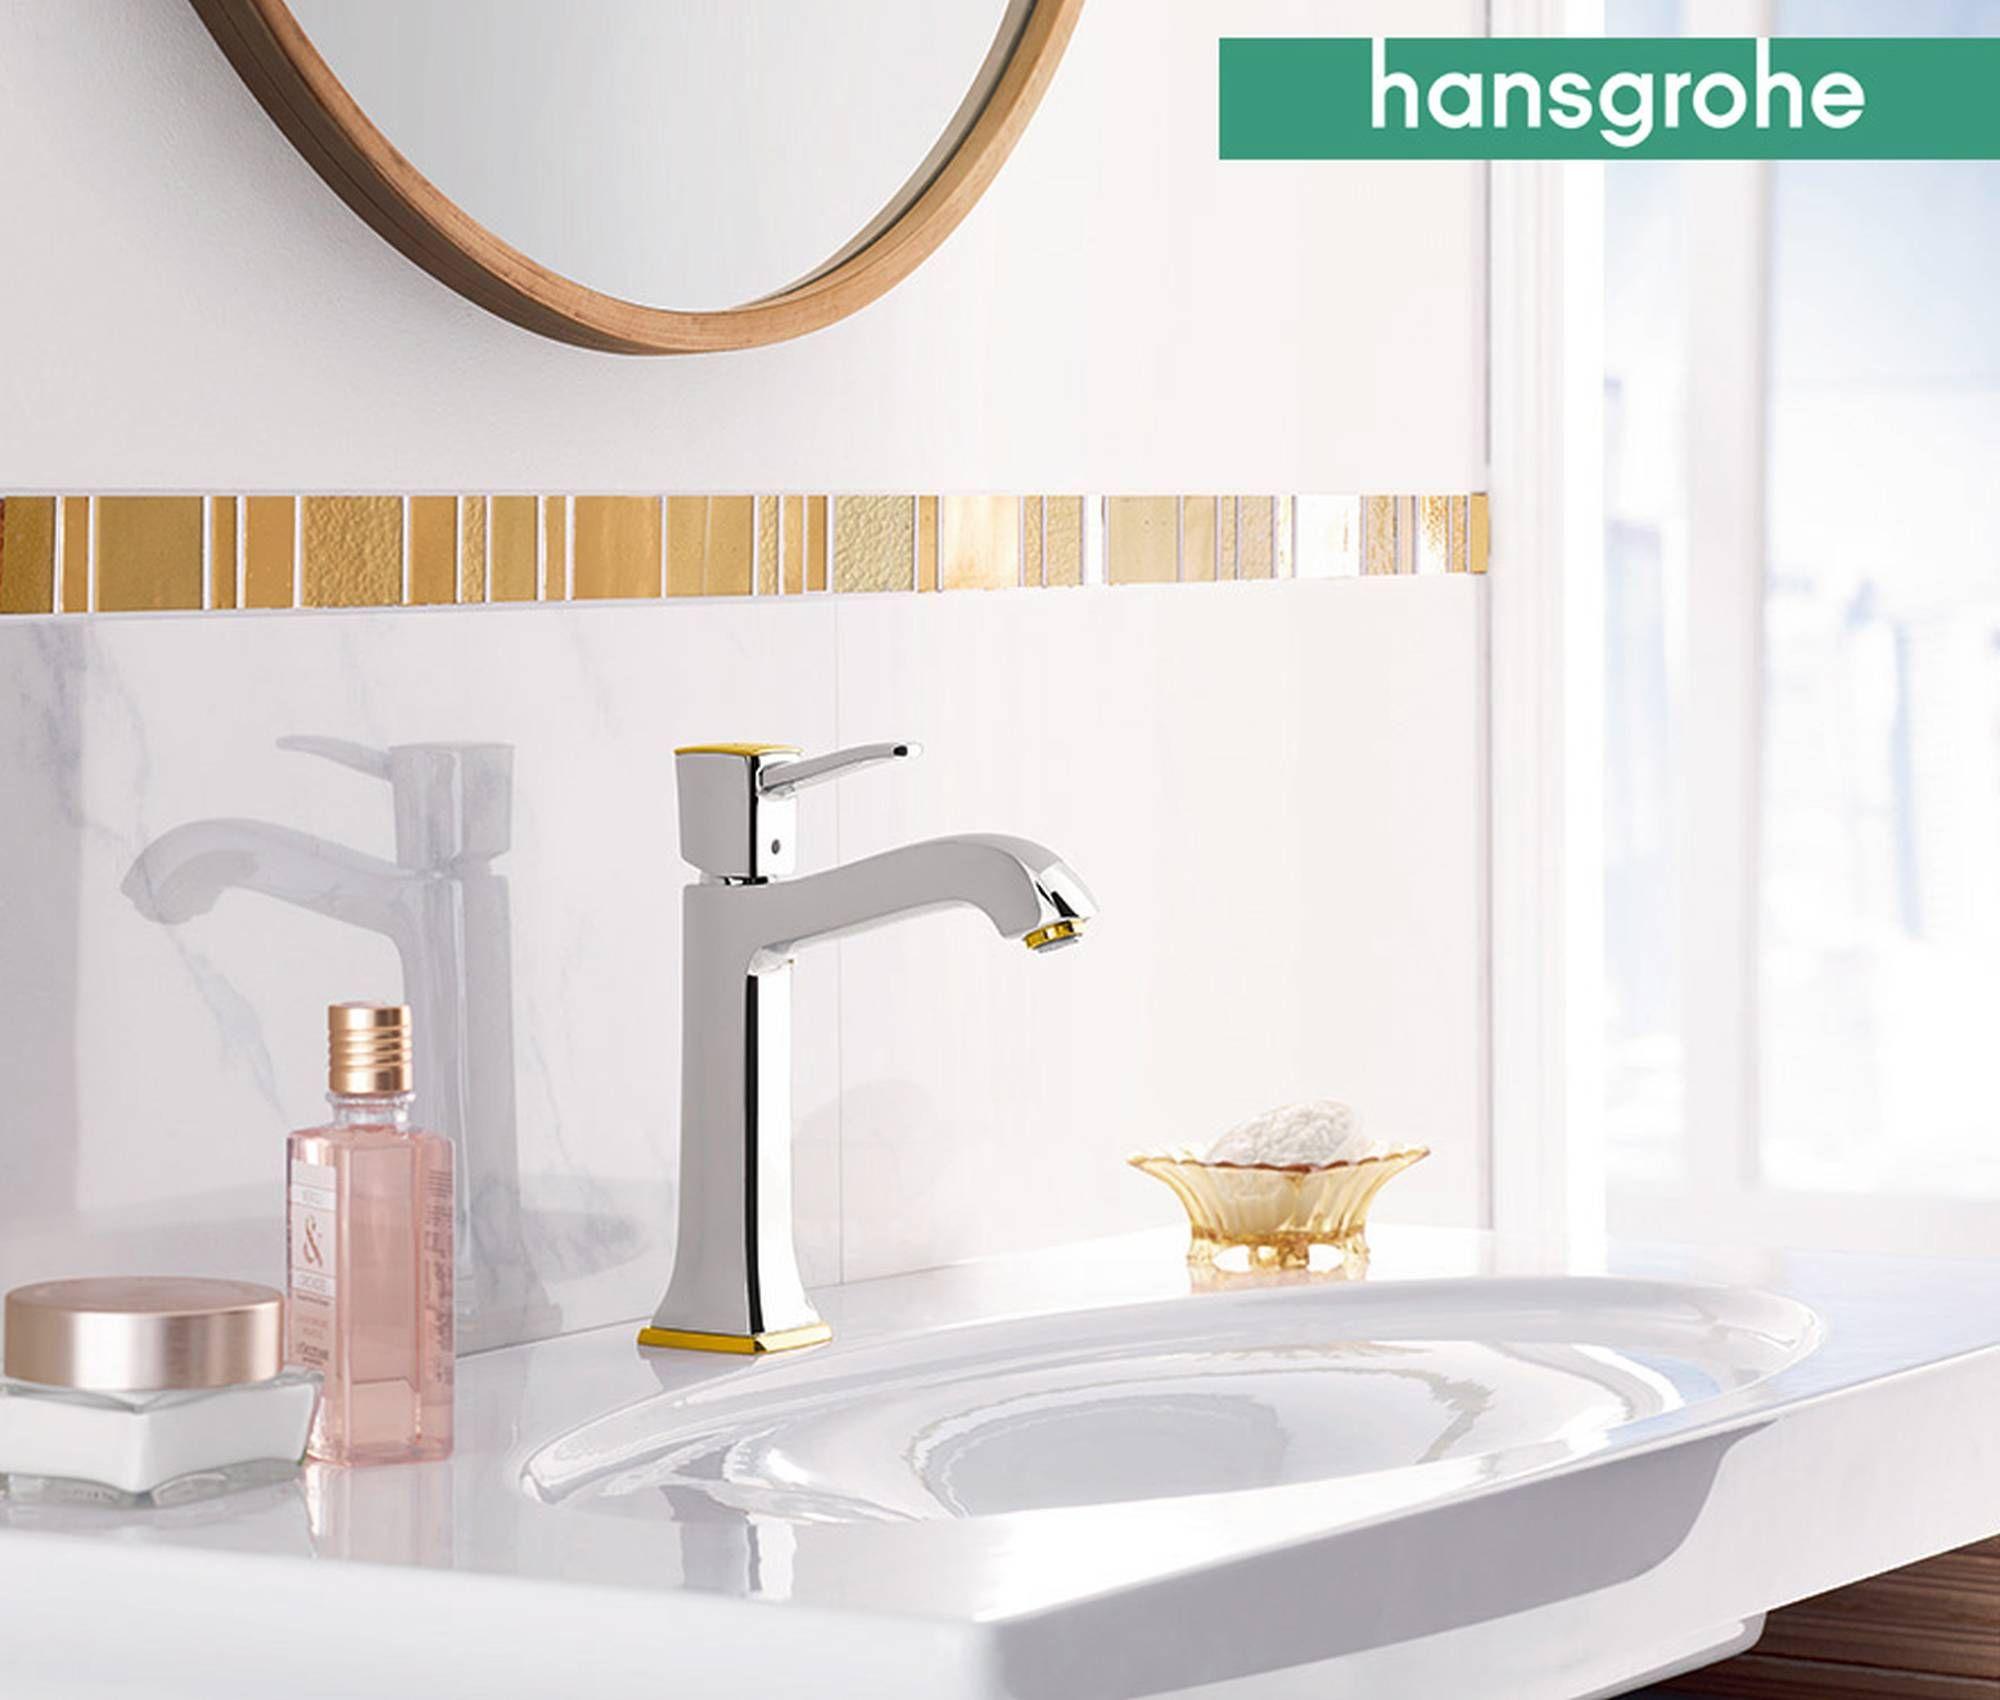 Frisse Kleurtjes Zoals Mintgroen En Helderblauw Zijn Helemaal In Lees Hier Hoe Je Jouw Badkamer Een Frisse Look Geeft Round Mirror Bathroom Hansgrohe Basin